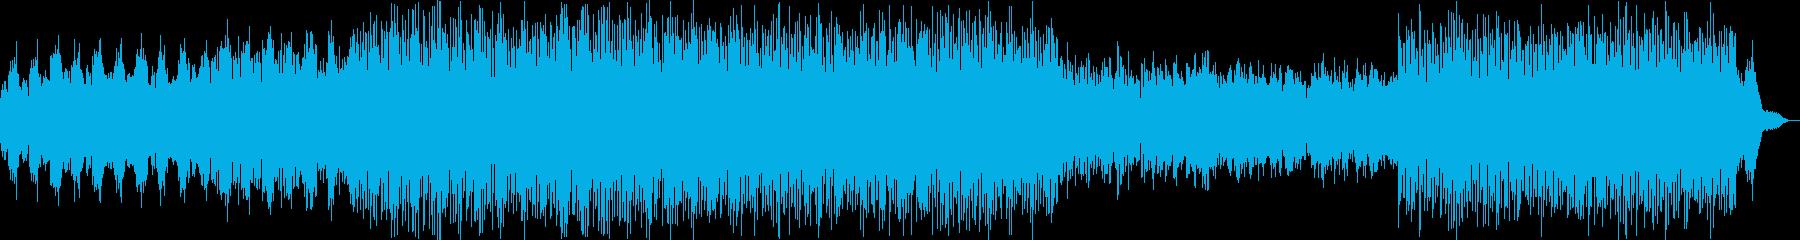 法人 センチメンタル 感情的 静か...の再生済みの波形